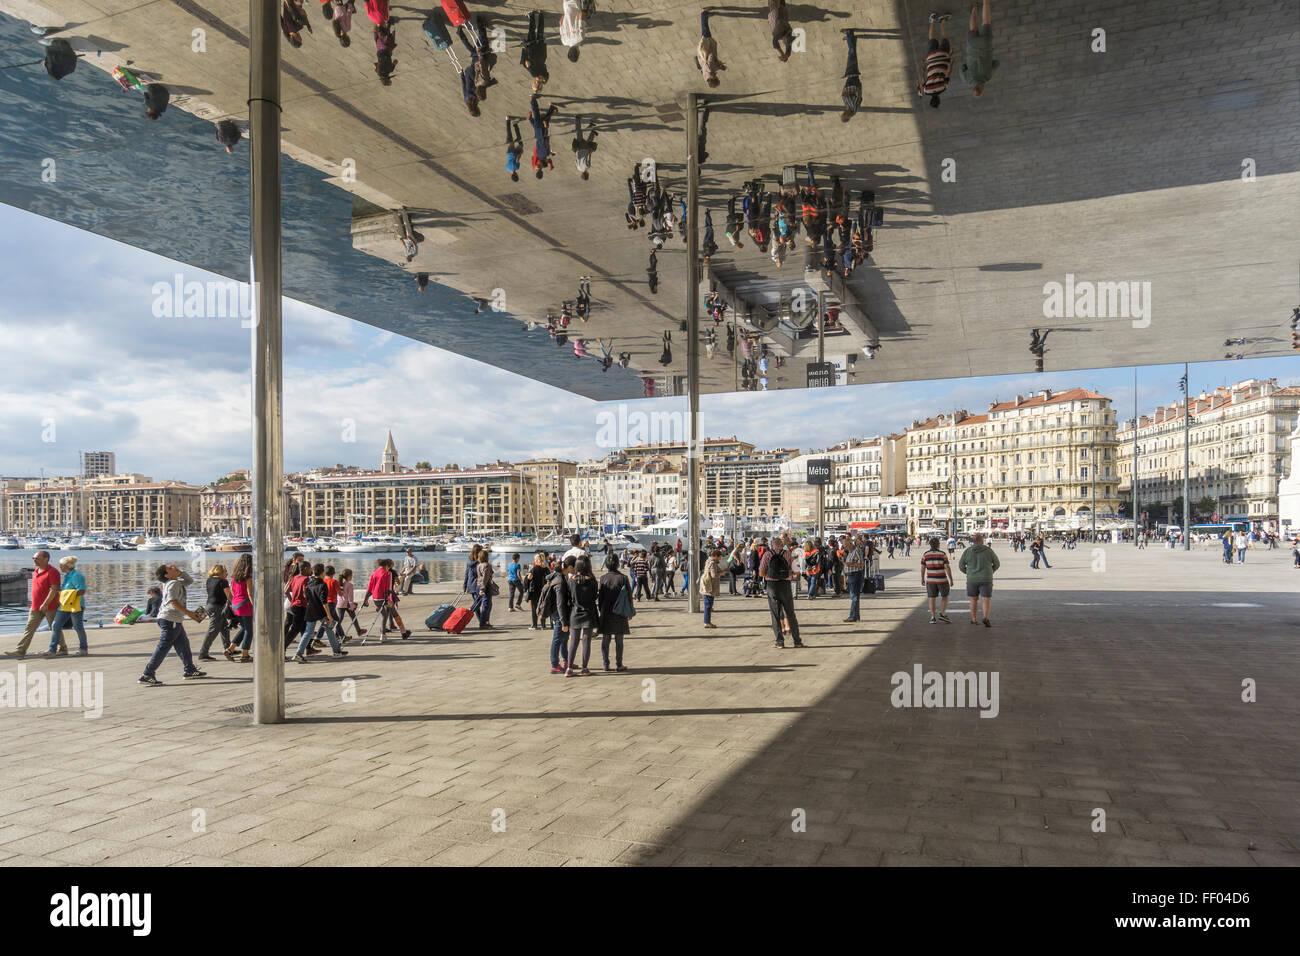 Marseille Vieux Port ,  Ombriere mirror Norman Foster of the Old Port, Quai des Belges, Provence-Alpes-Cote d'Azur, Stock Photo